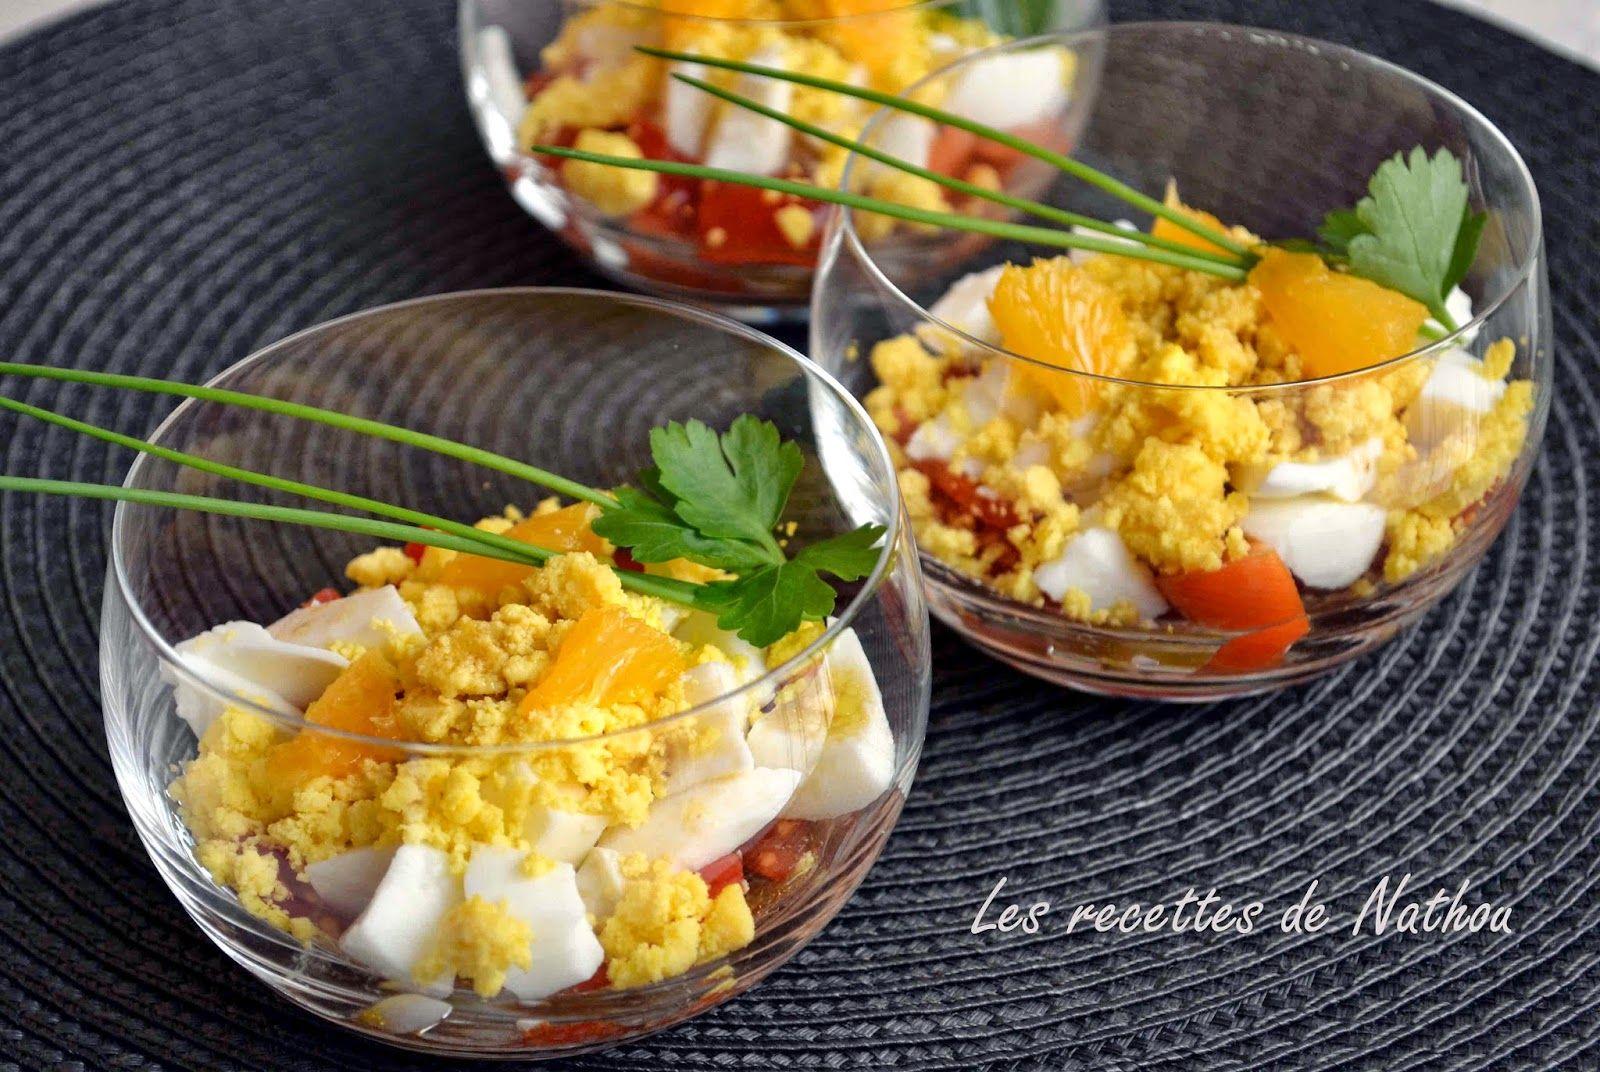 Verrines aux oeufs et à l'orange, vinaigrette balsamique